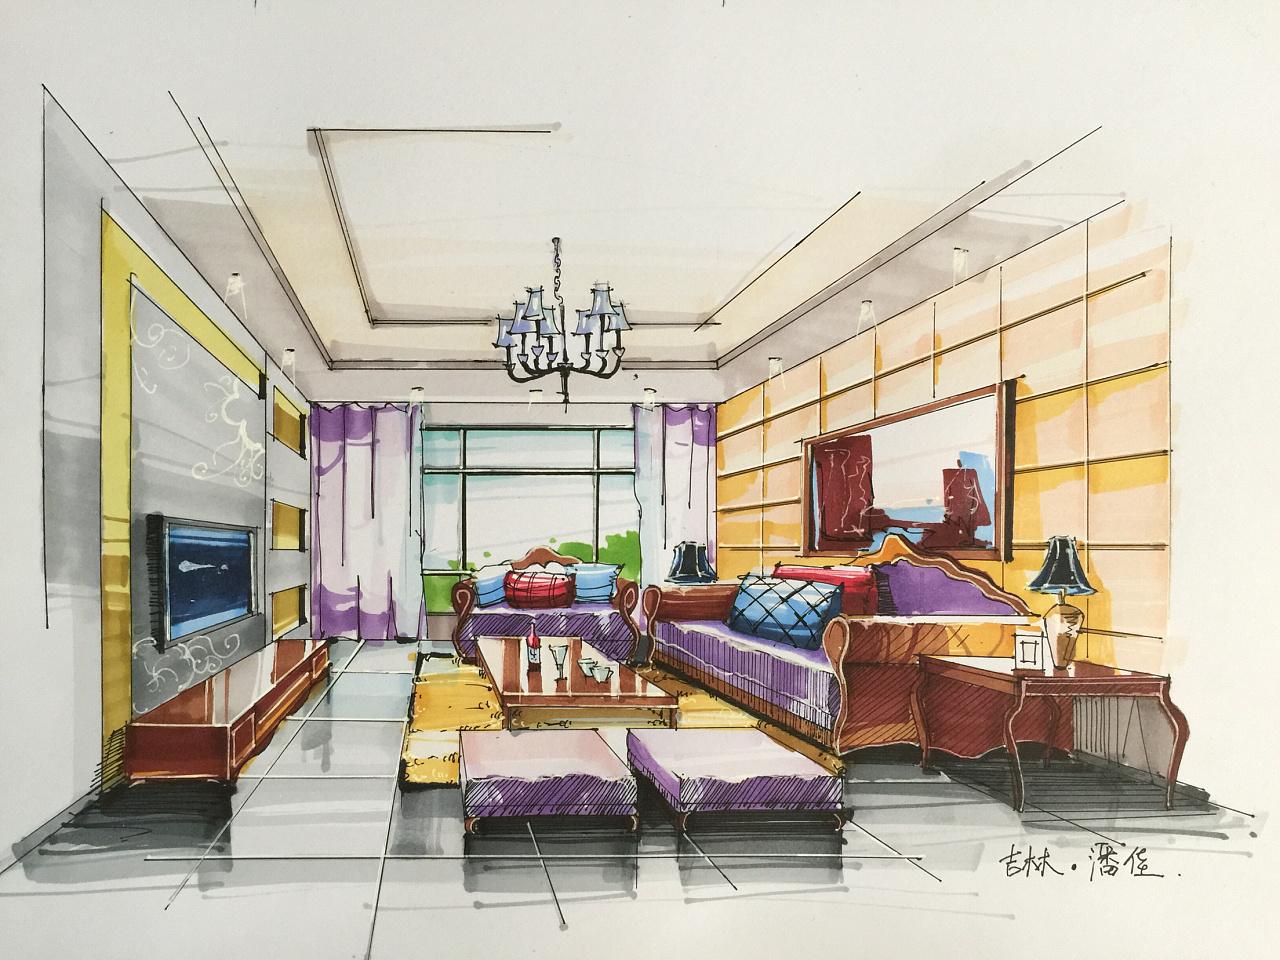 环艺室内设计手绘效果图|空间|室内设计|潘佳0603